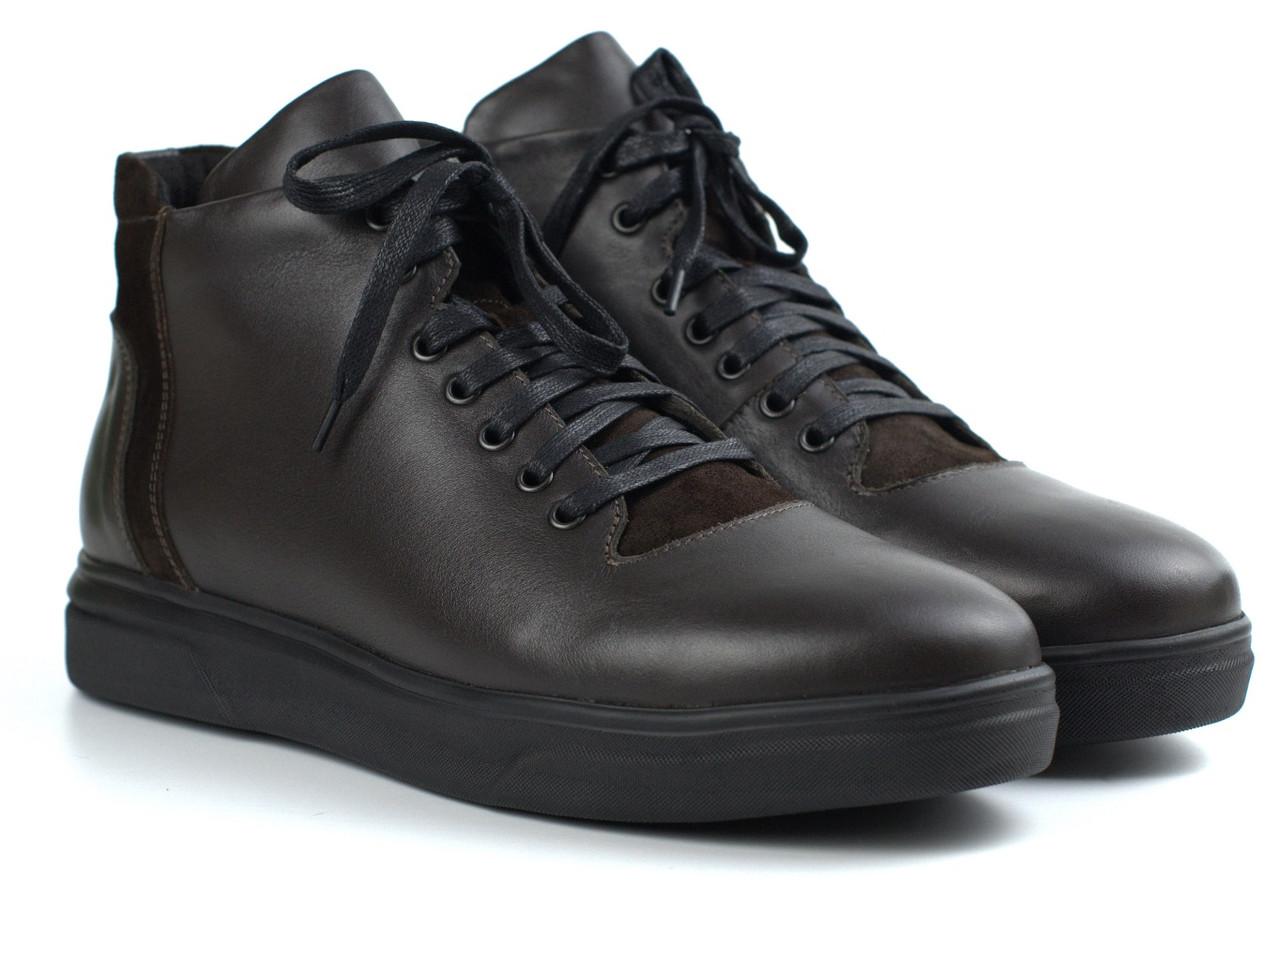 Зимові черевики шкіряні коричневі чоловіче взуття великих розмірів Rosso Avangard North Lion 02-227 BS